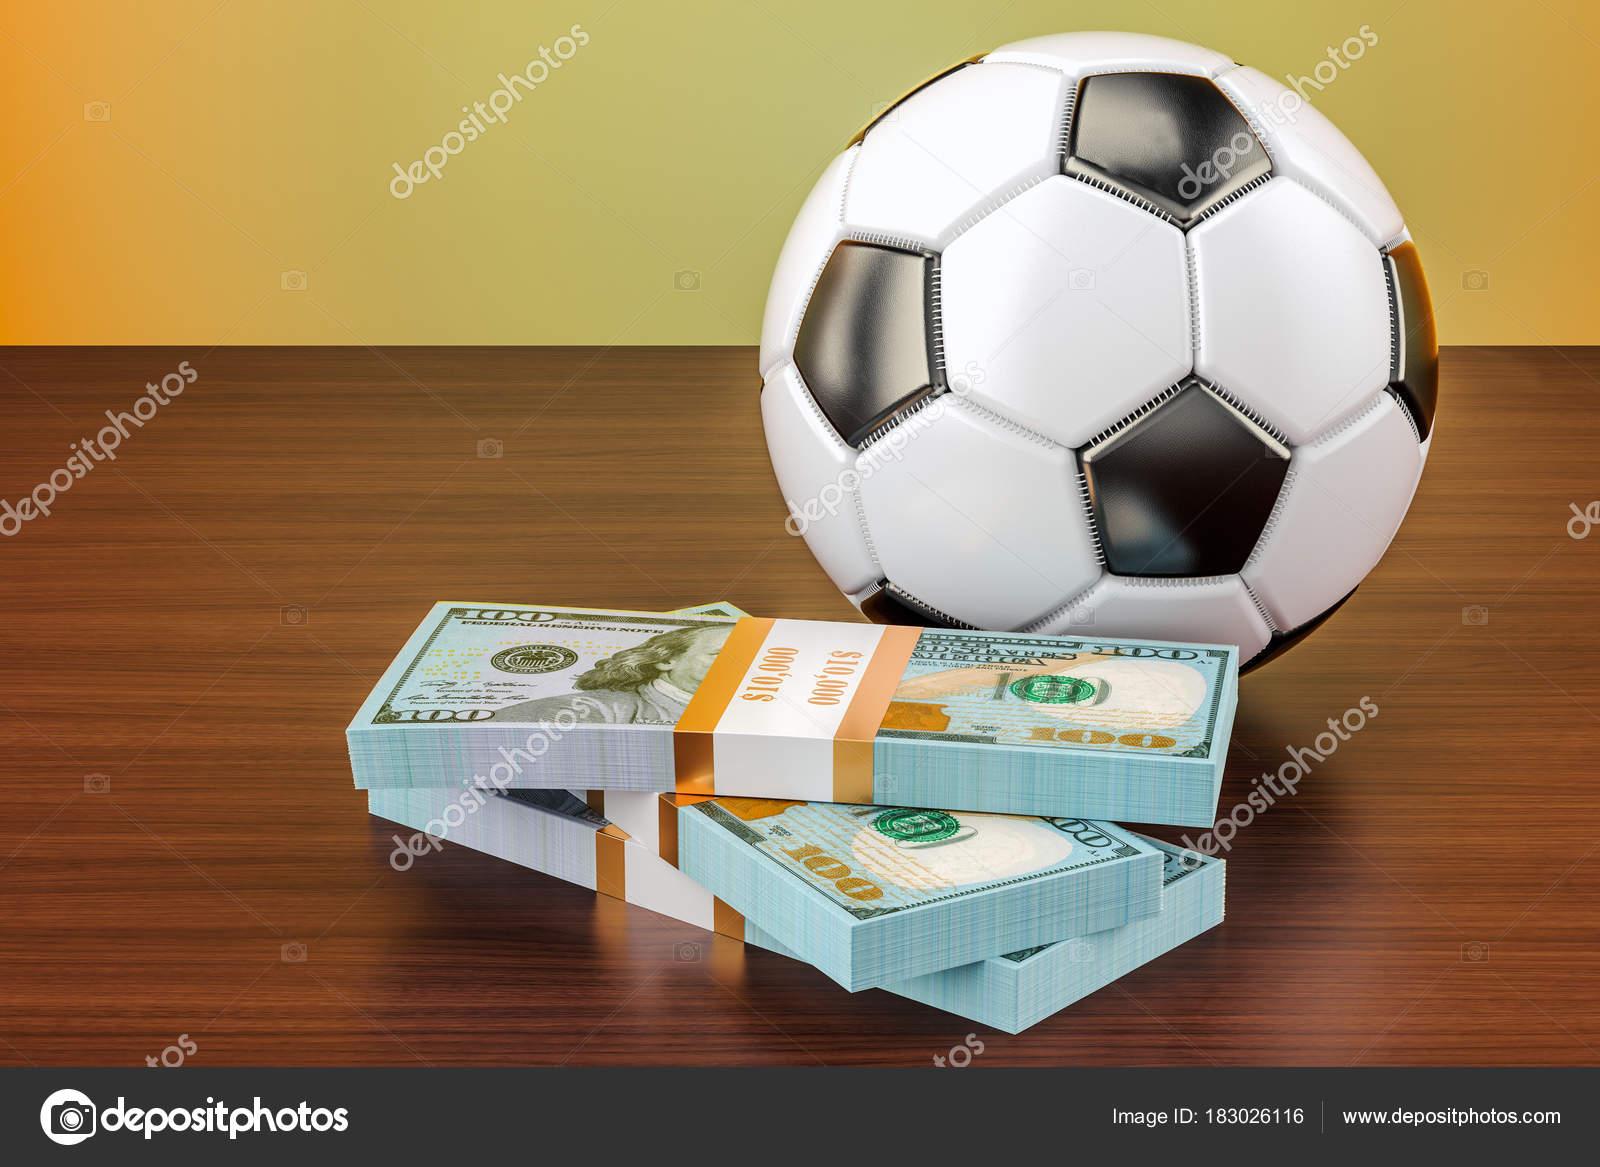 Cá cược bóng đá - Bí quyết thắng cuộc có thể bạn không biết